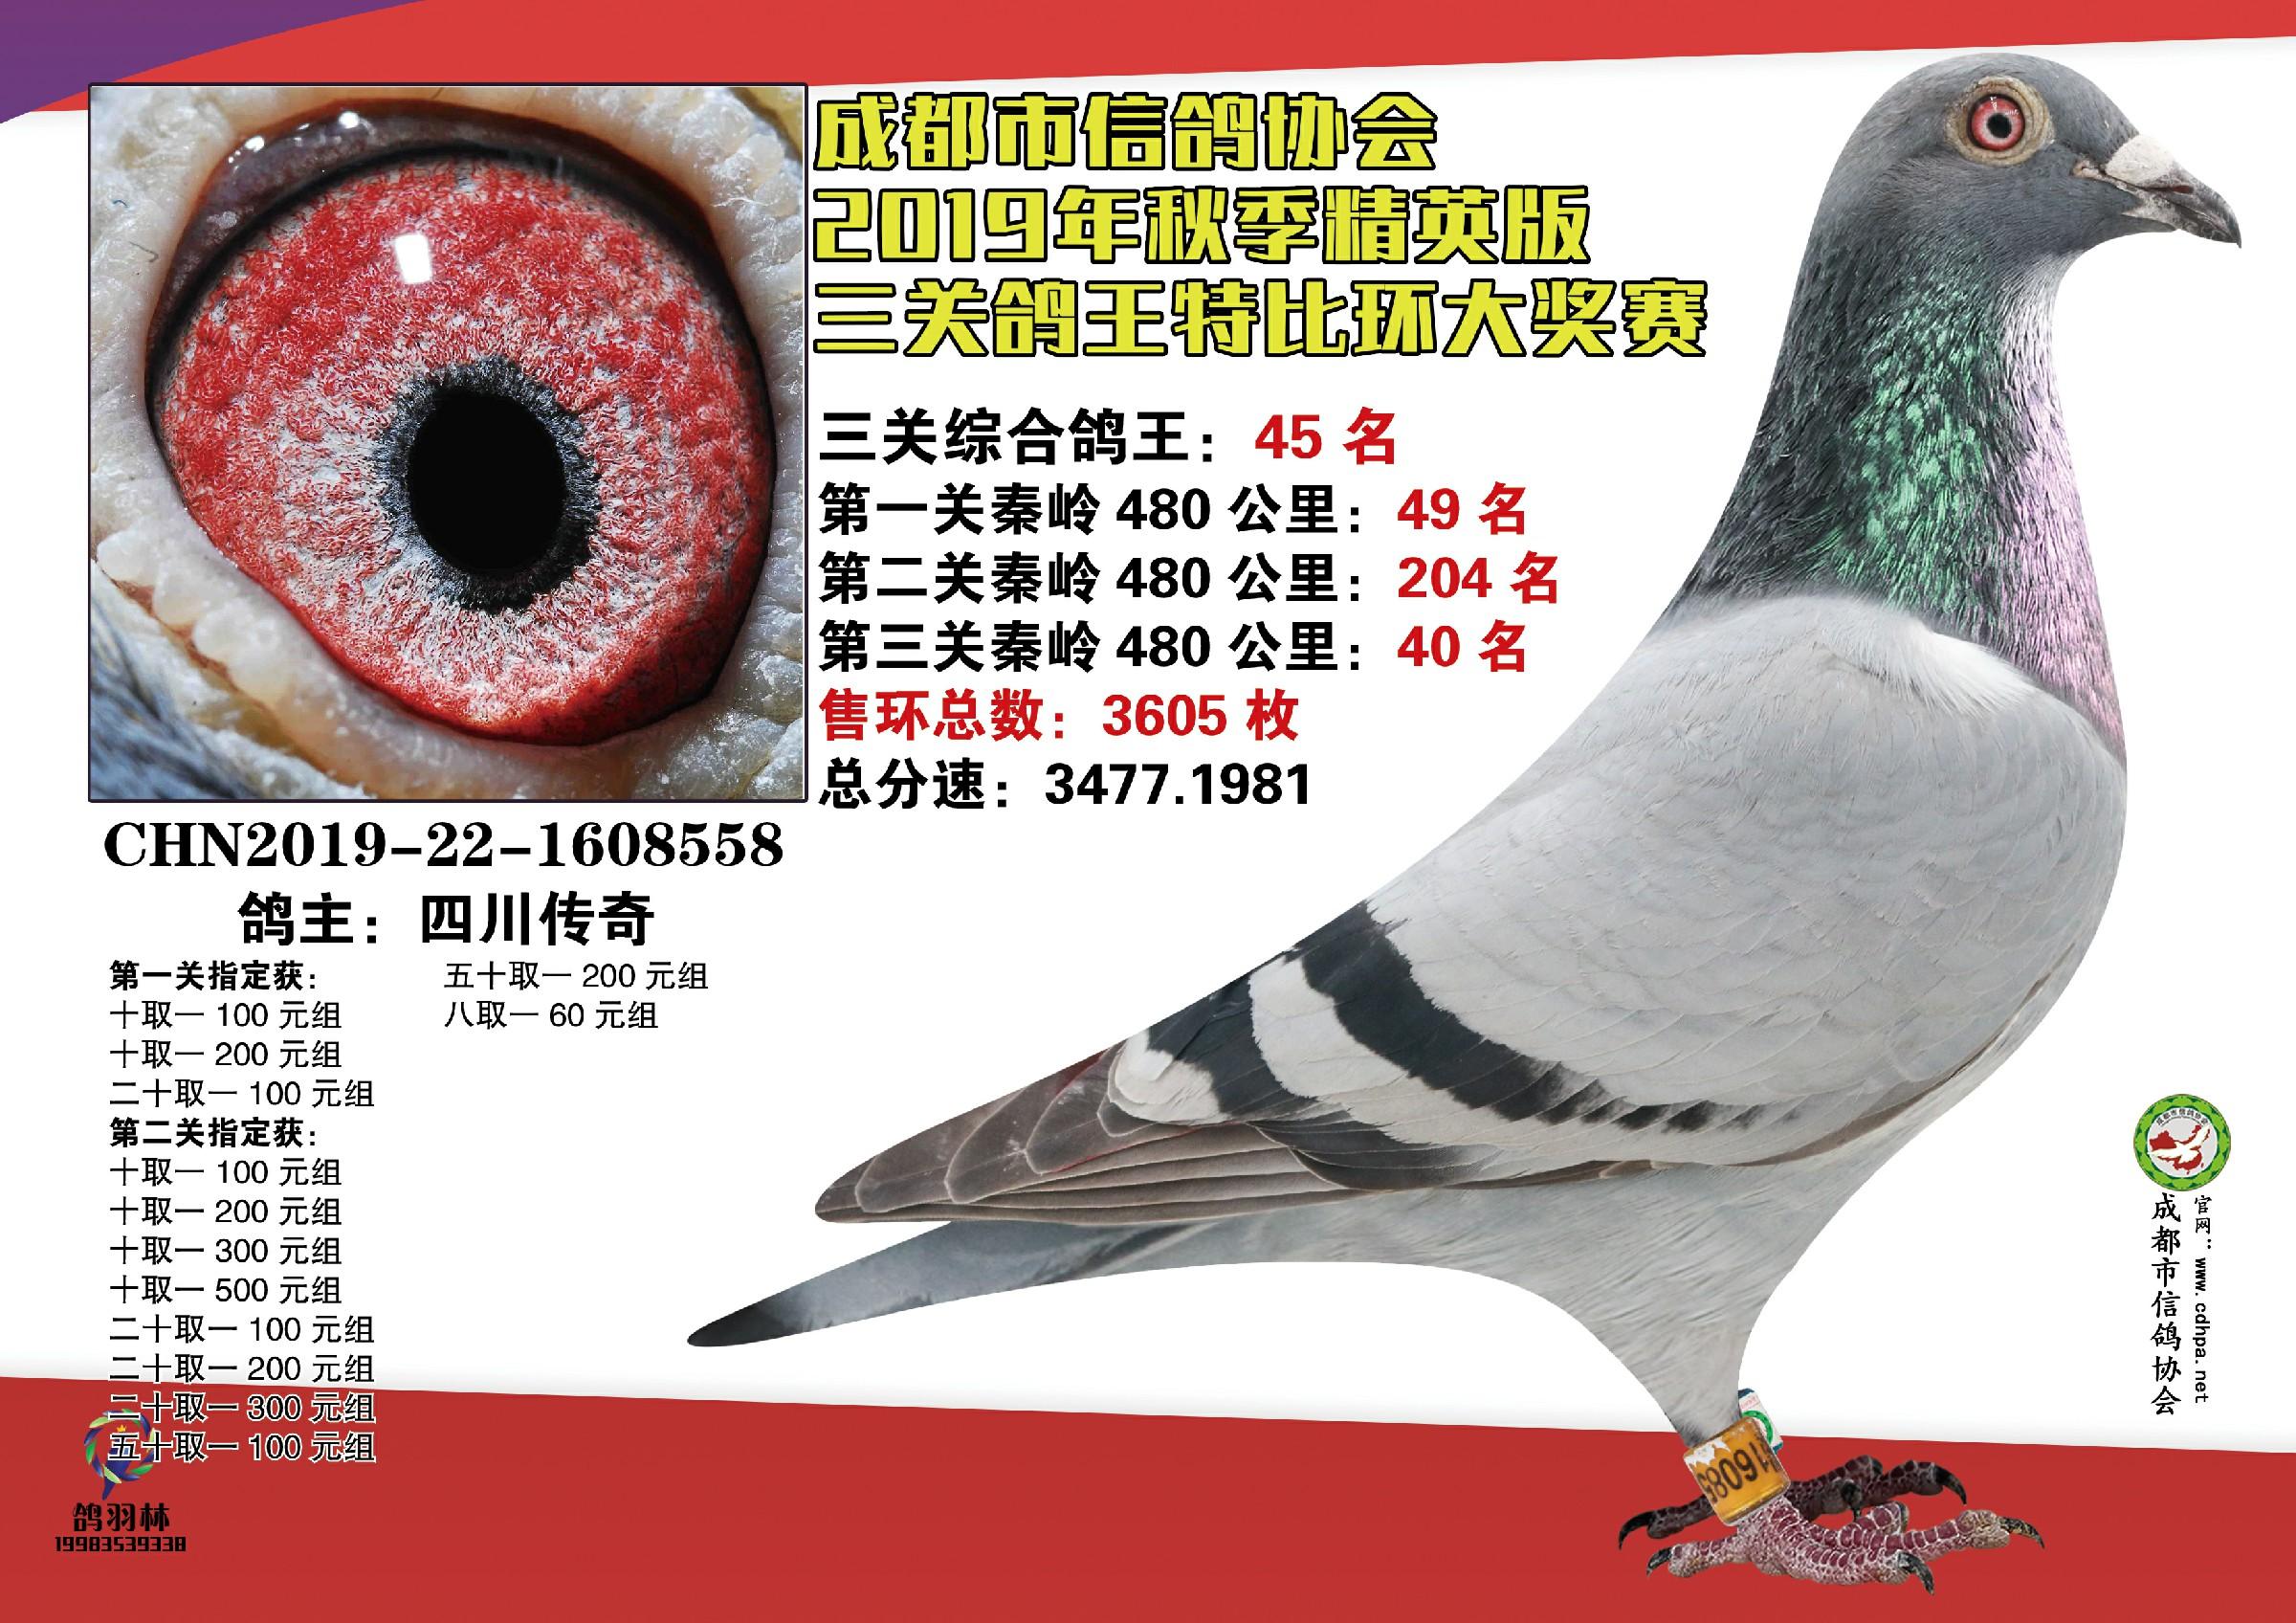 19秋成都市鸽协三关鸽王45名